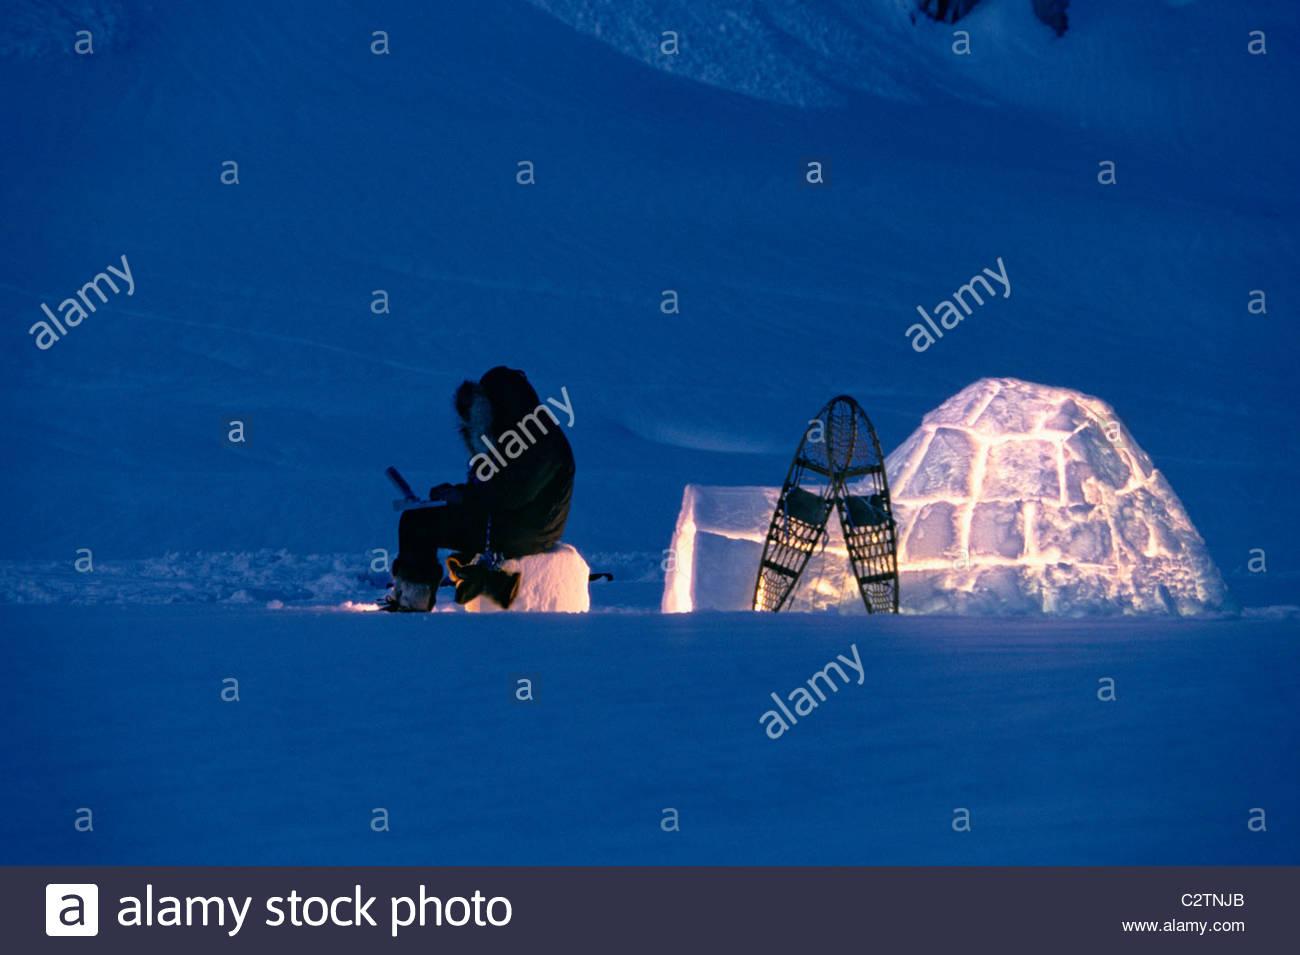 eskimo alaska tradition stock photos u0026 eskimo alaska tradition